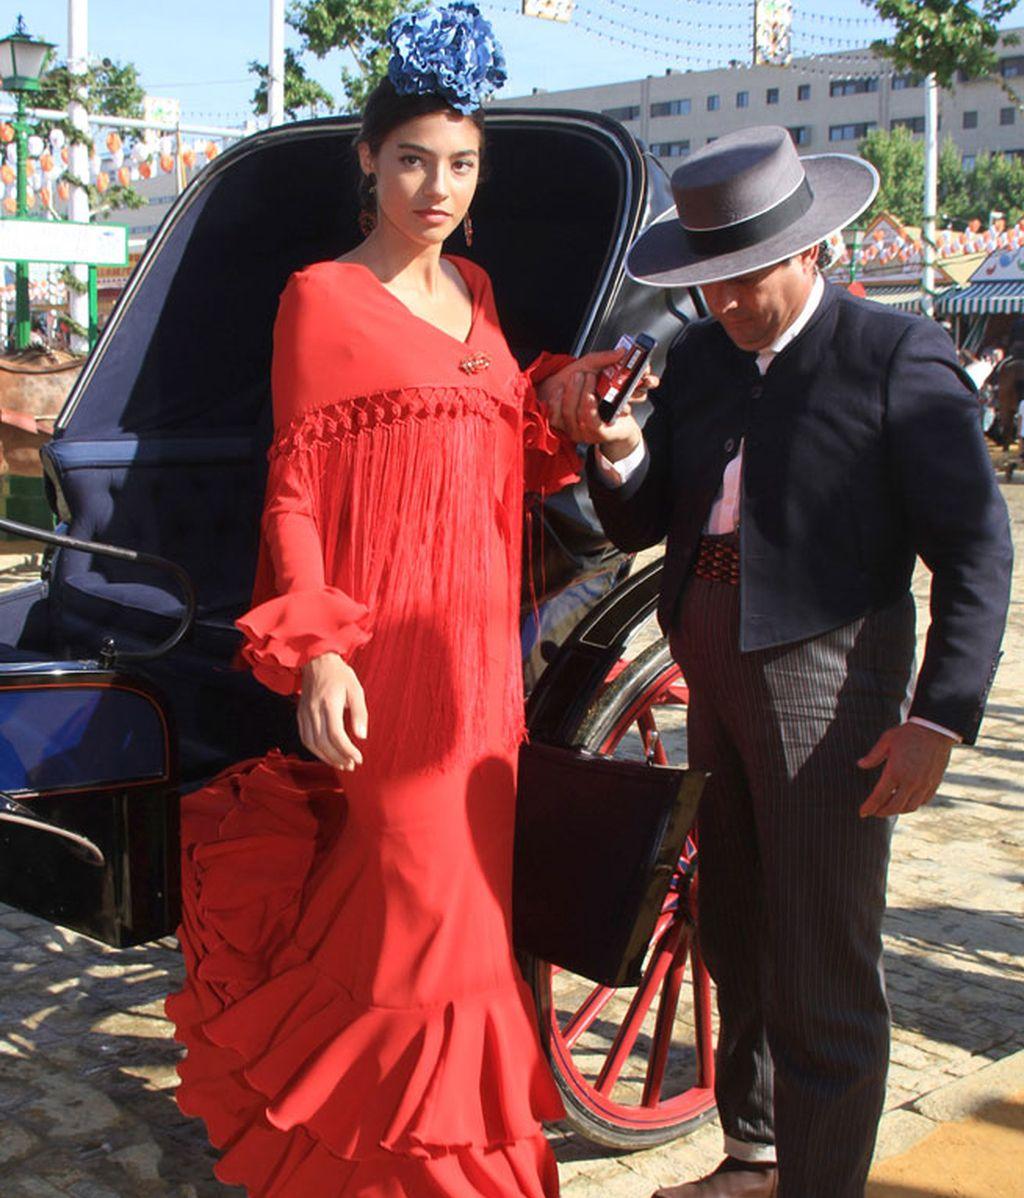 Rocío Herrera acudió a la Feria junto a su padre, Carlos Herrera